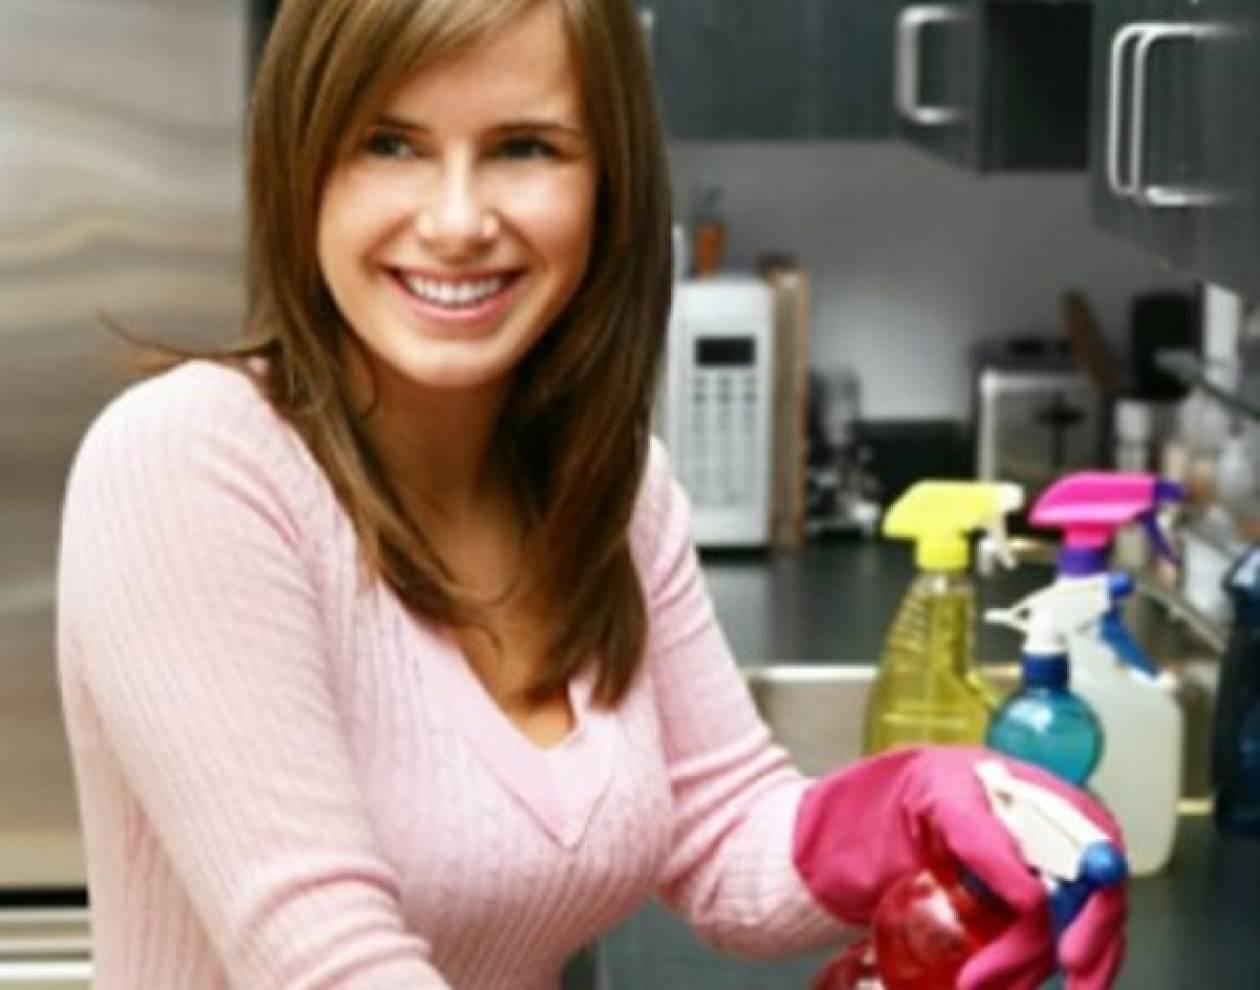 Καθαρίζοντας το σπίτι οικονομικά!